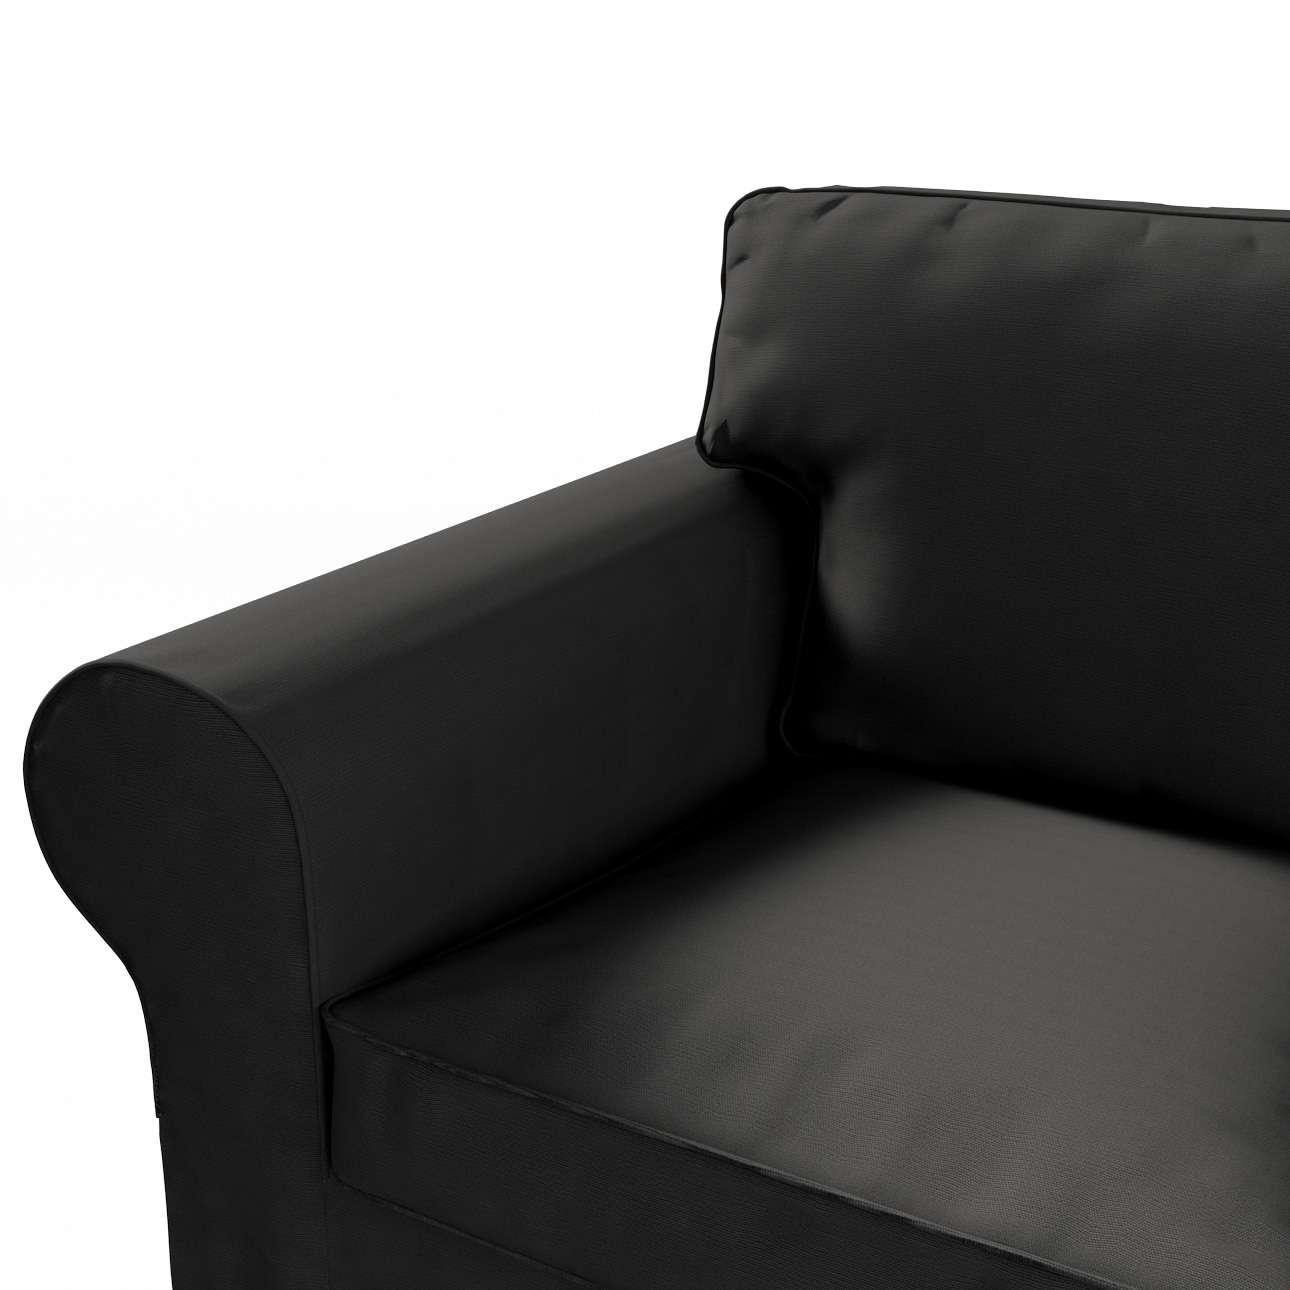 Pokrowiec na sofę Ektorp 3-osobową, rozkładaną NOWY MODEL 2013 Ektorp 3-os rozkładany nowy model 2013 w kolekcji Cotton Panama, tkanina: 702-08